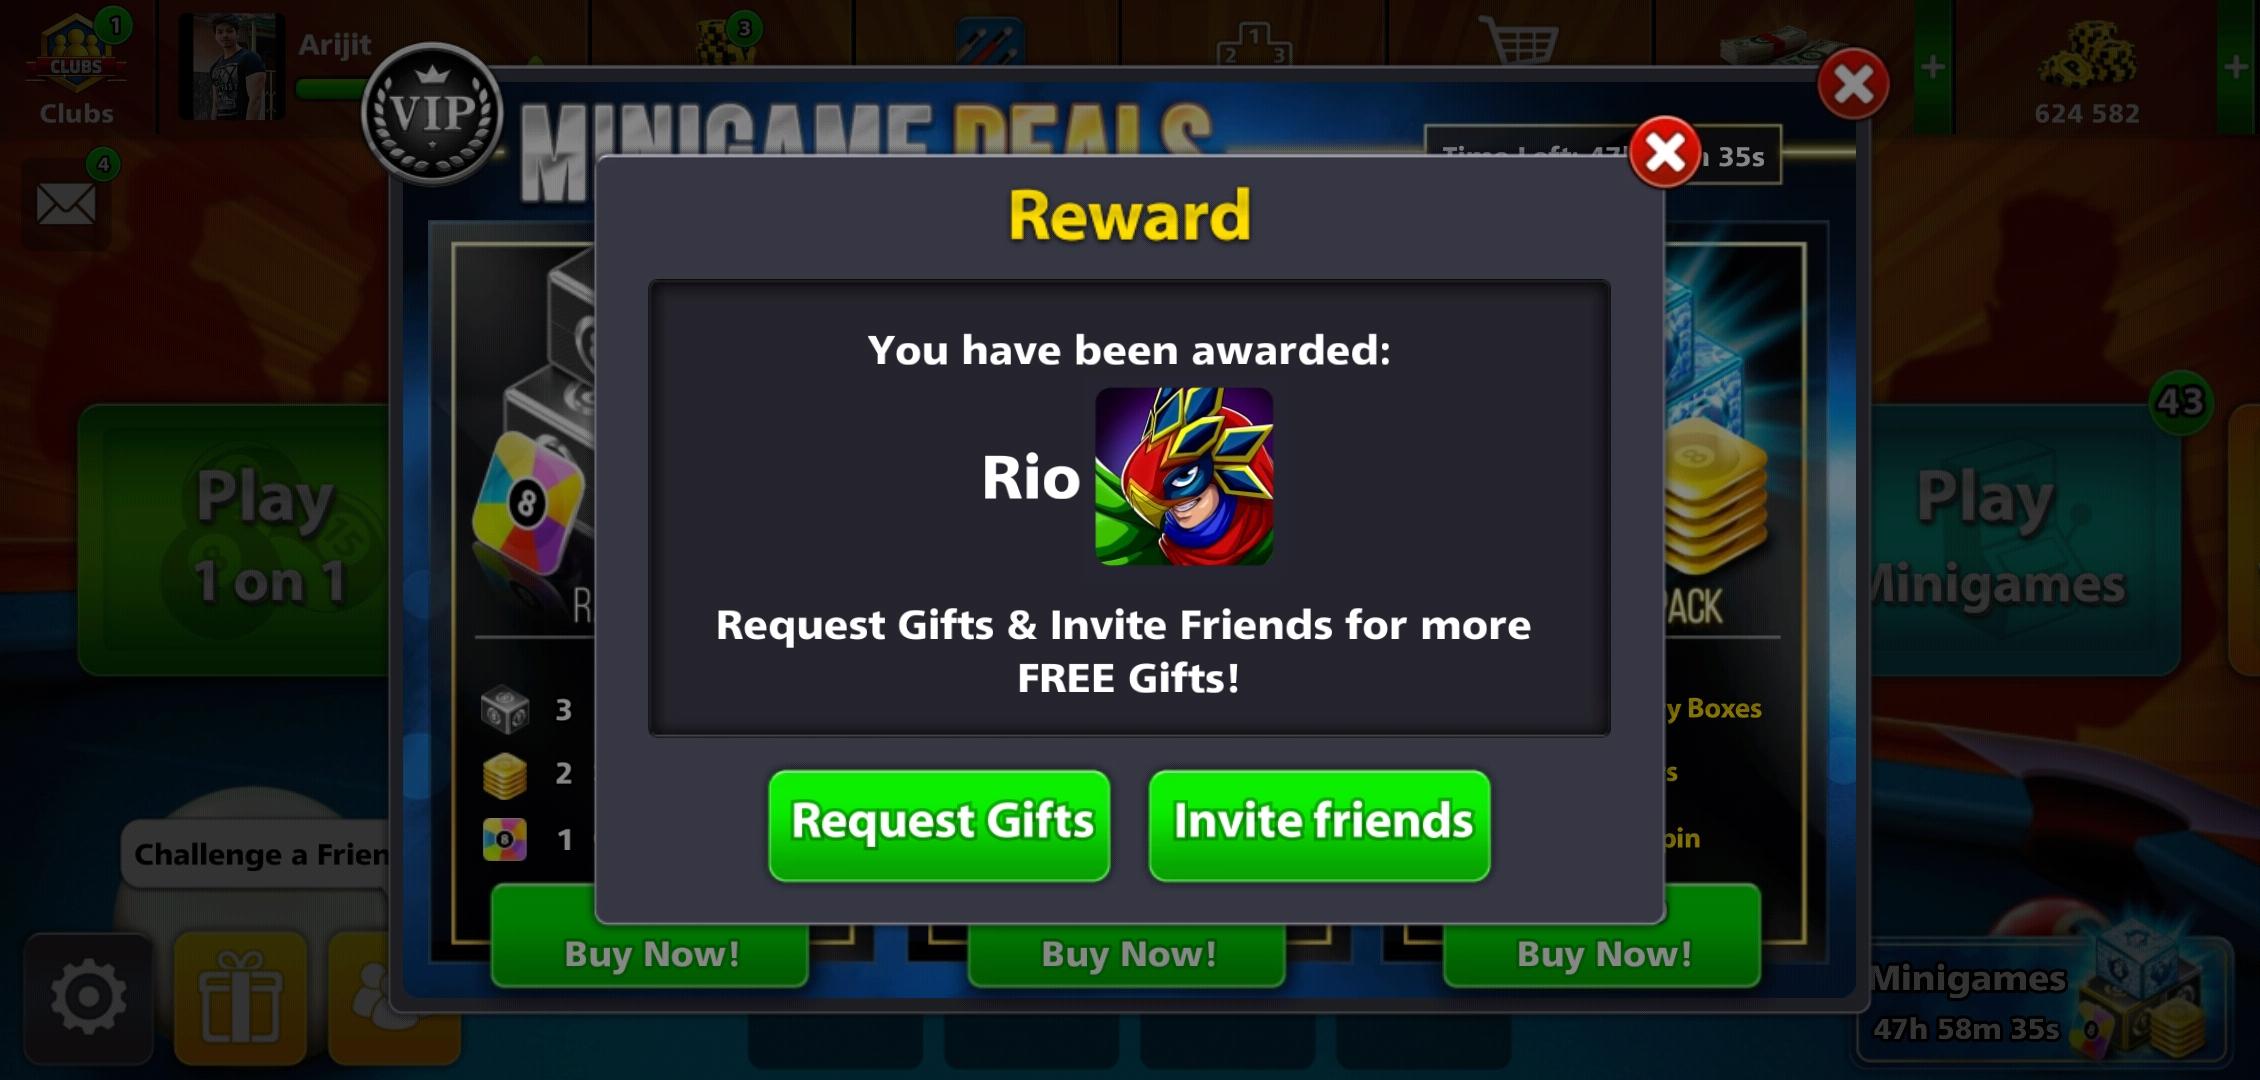 8Ball Pool Free Rio Avatar Link